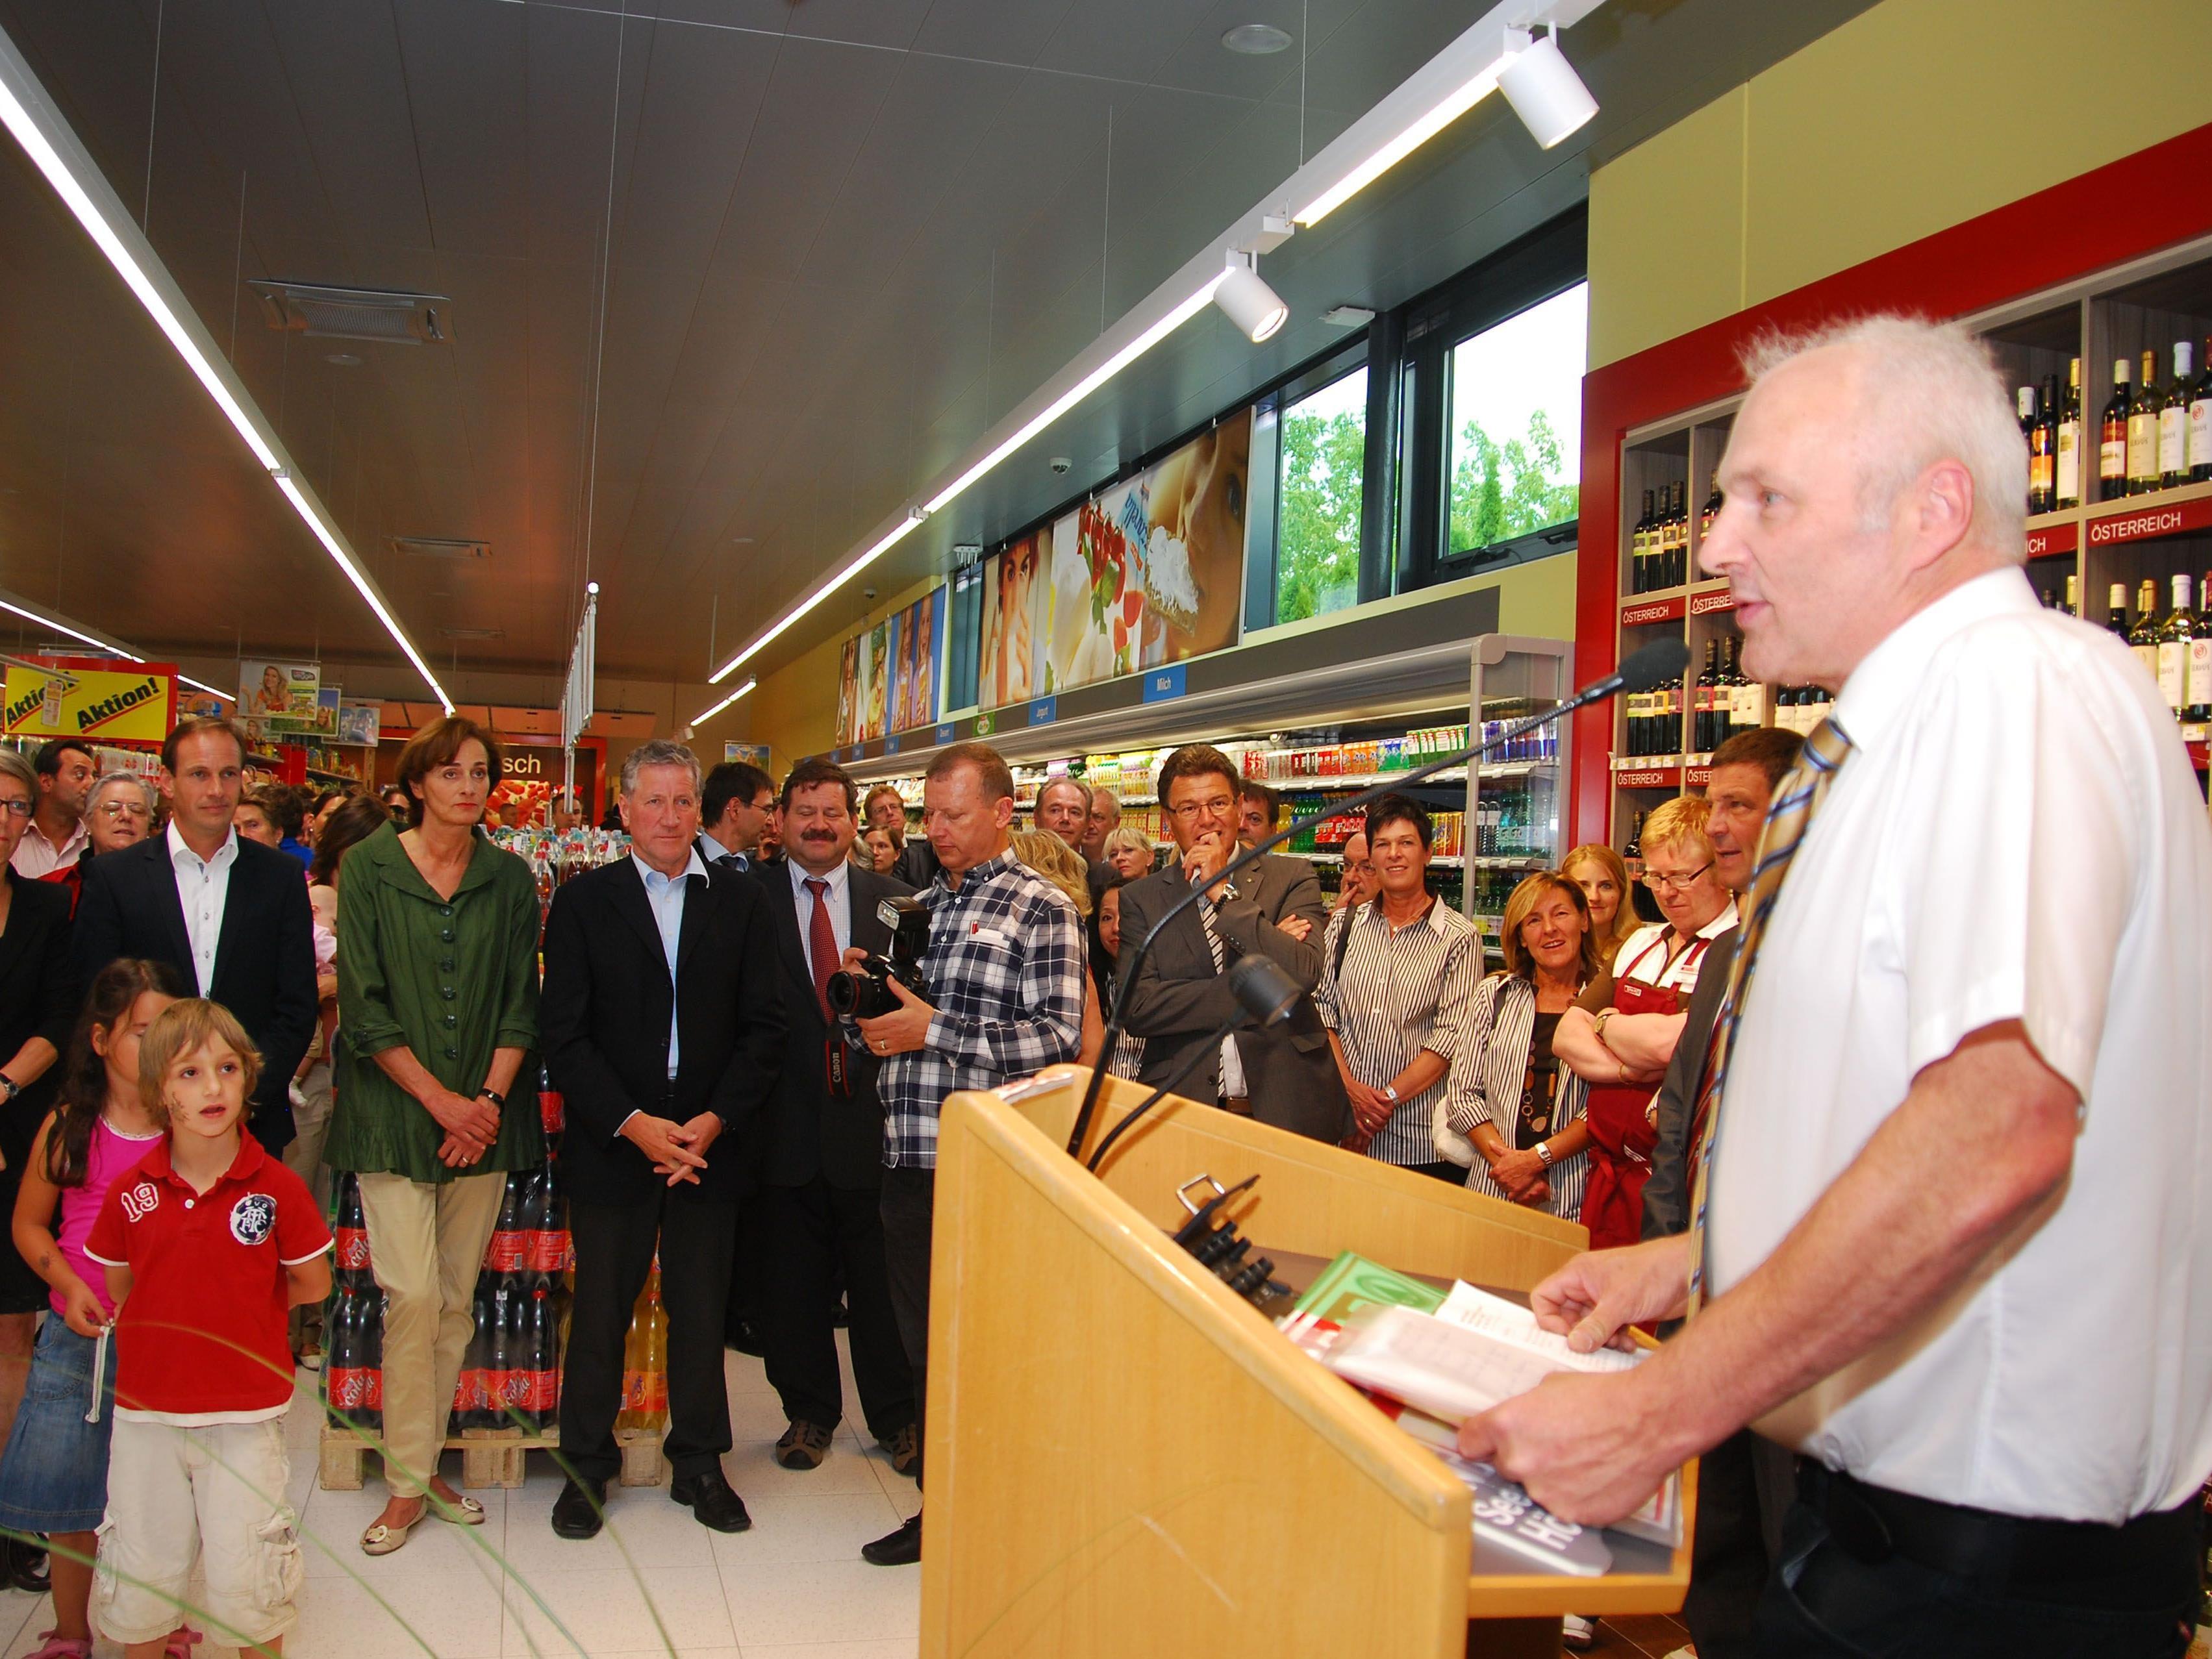 Günter Lindner bei der Eröffnung seines neues Spar-Supermarktes.